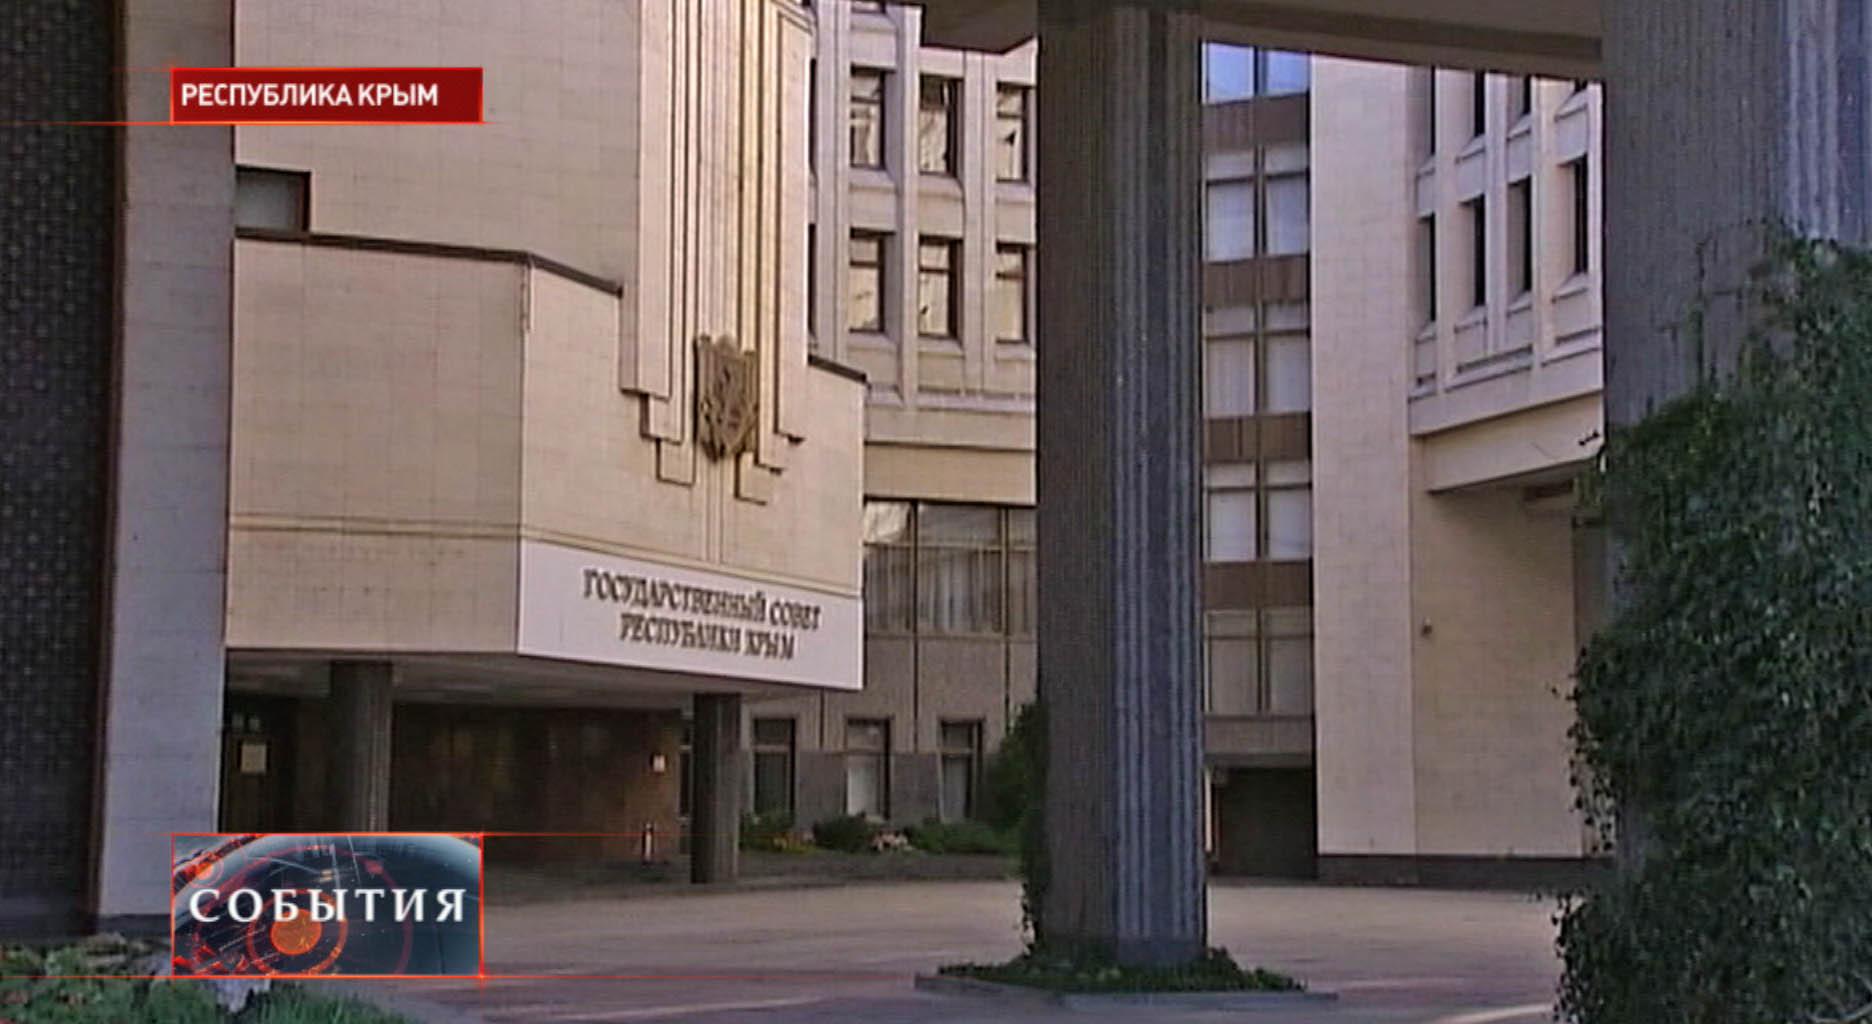 В Госдуму внесён законопроект о развитии Крымского федерального округа